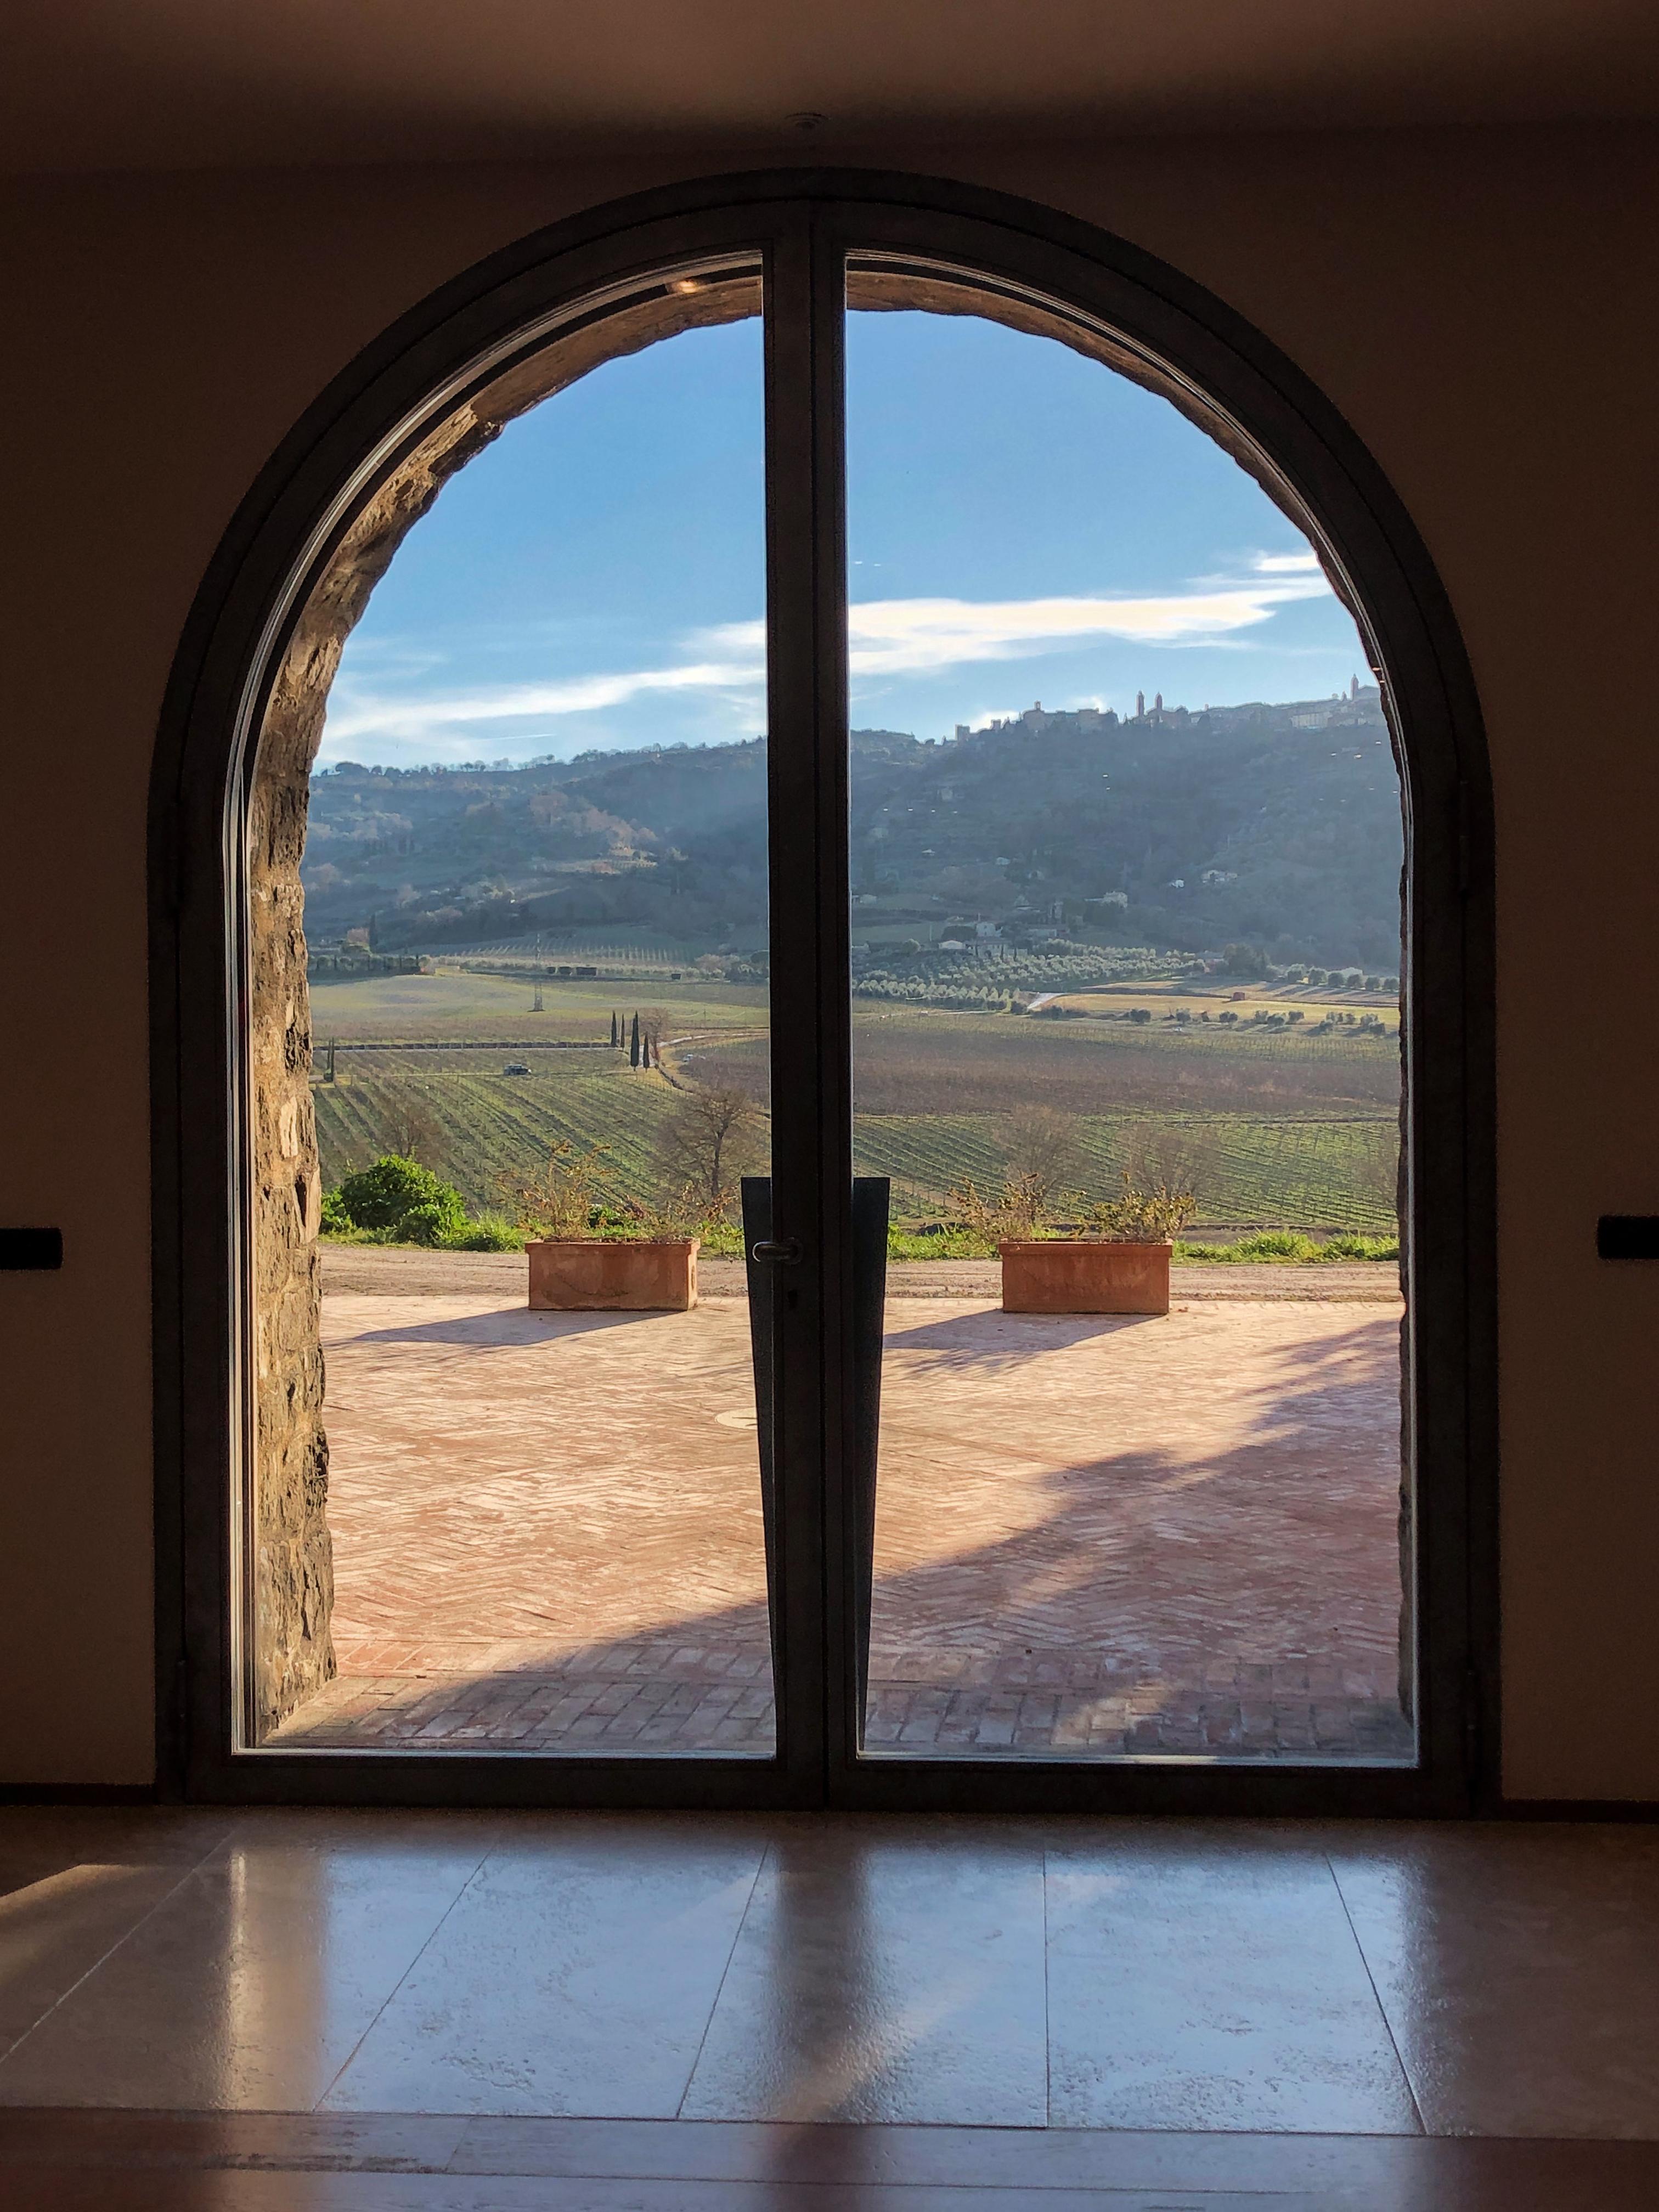 Pacenti-Fenster-Blick-auf-Weingut-151908000